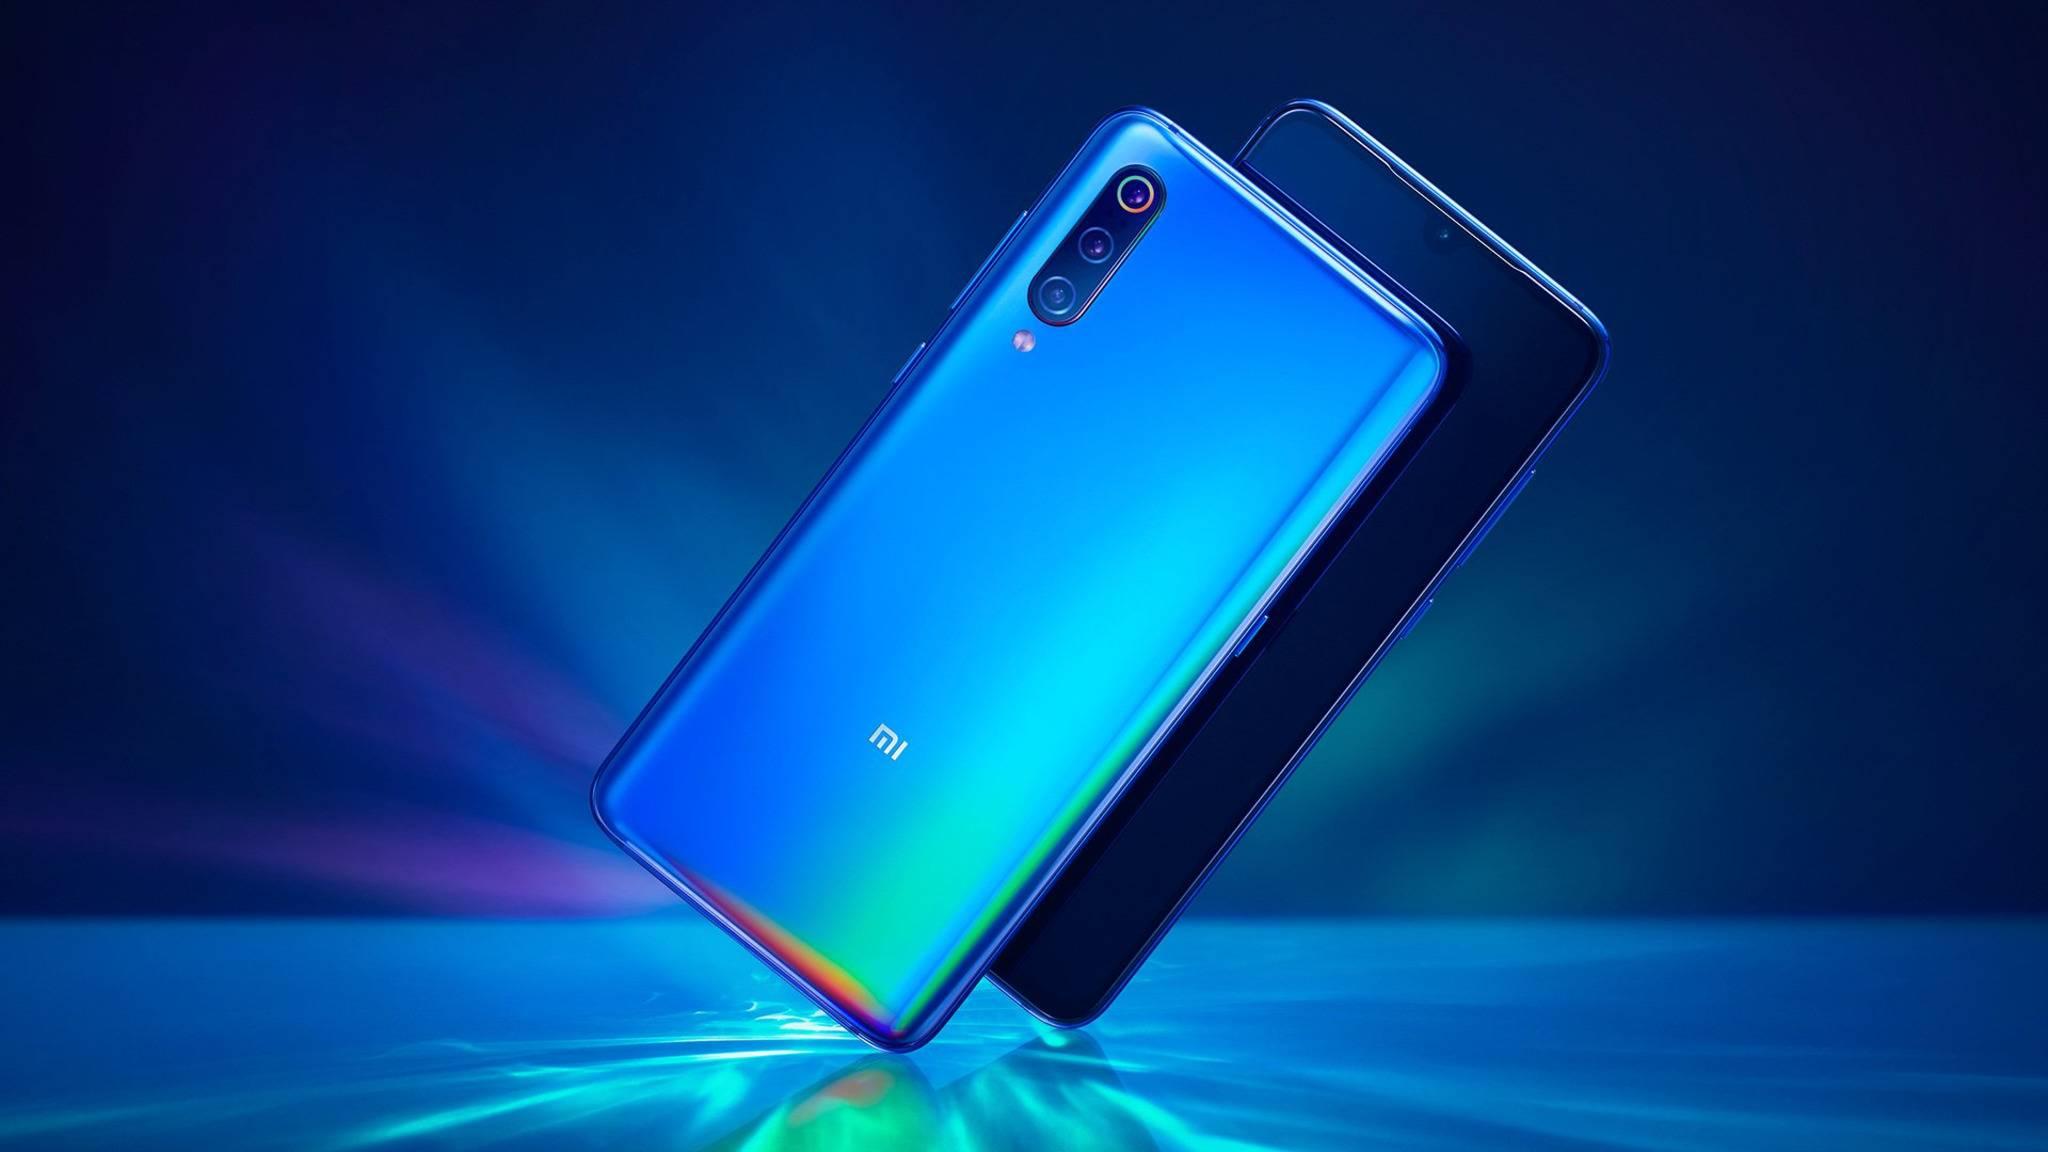 Das Xiaomi Mi 9 könnte es bald auch offiziell vom Hersteller in Deutschland zu kaufen geben.